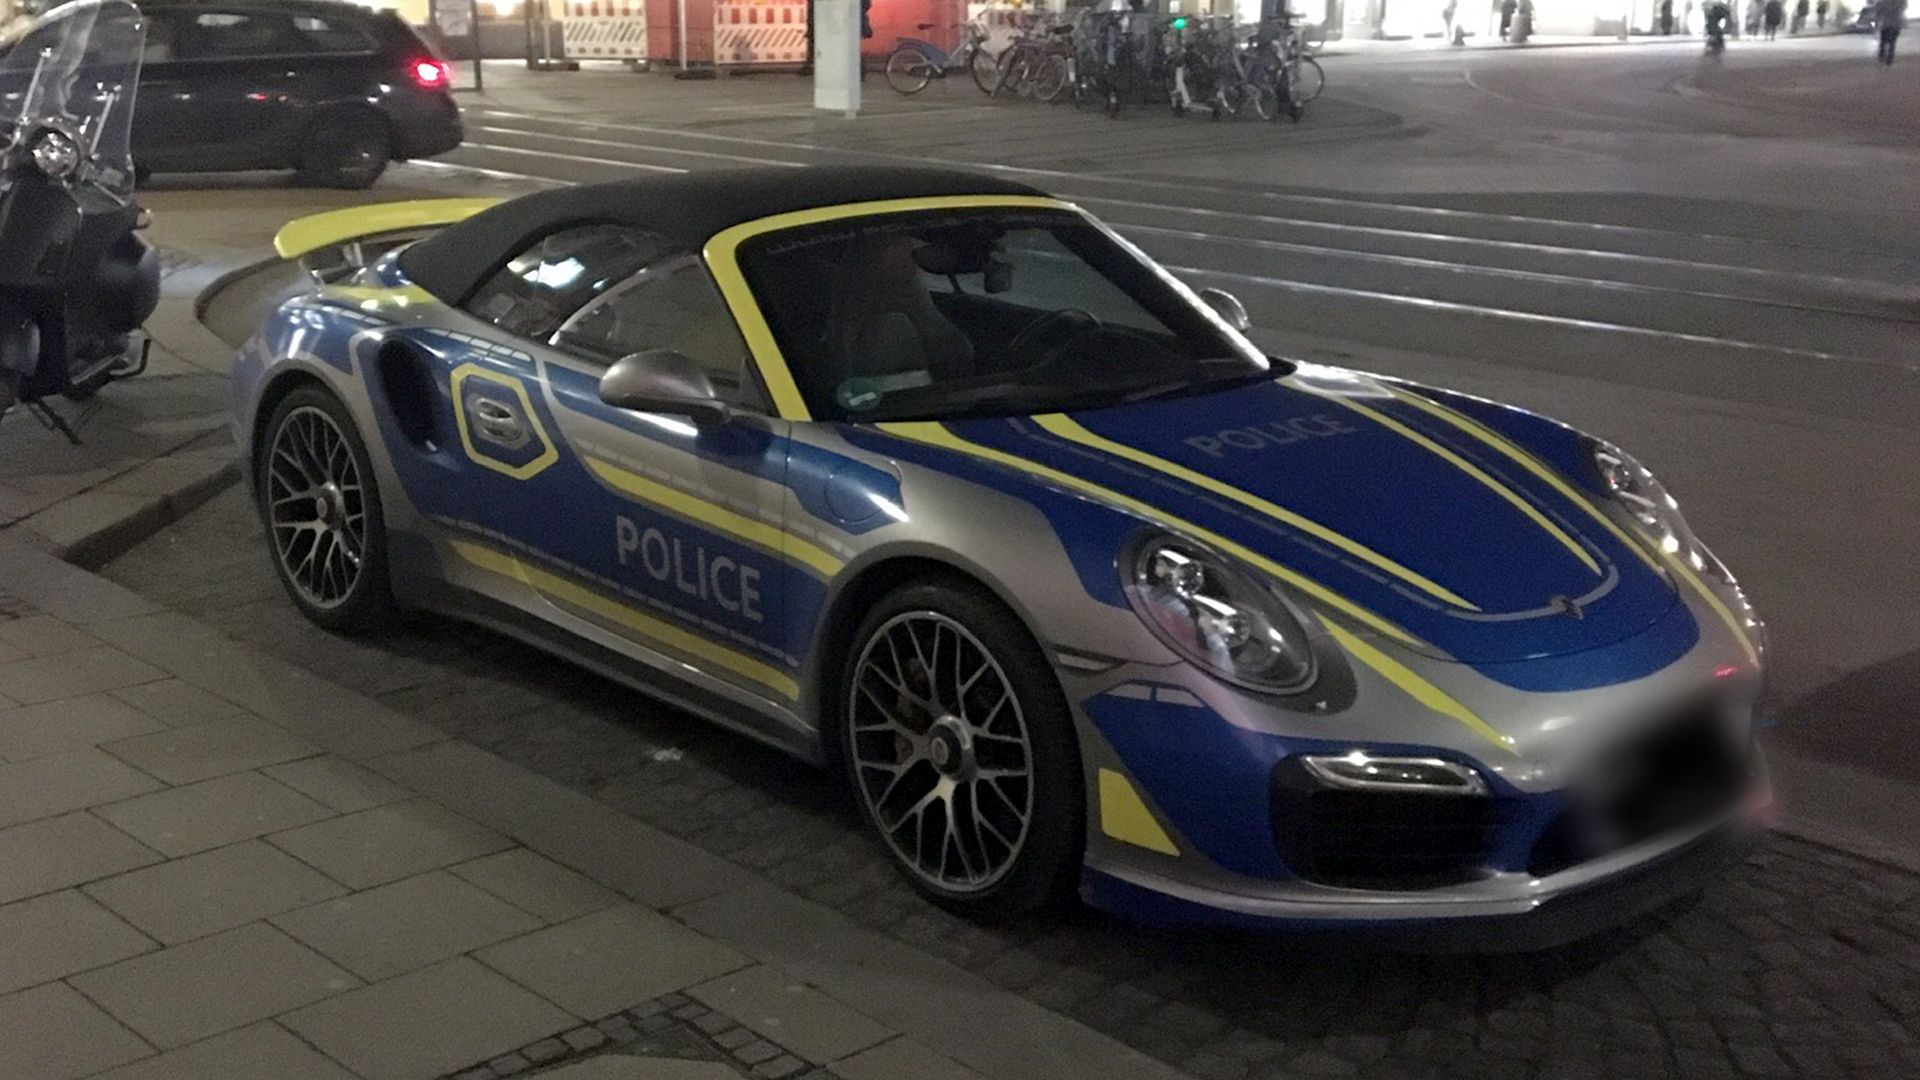 """Blaue Flächen, gelbe Streifen und die Aufschrift """"Police"""" - in München fährt ein falscher Polizei-Porsche durch die Stadt."""